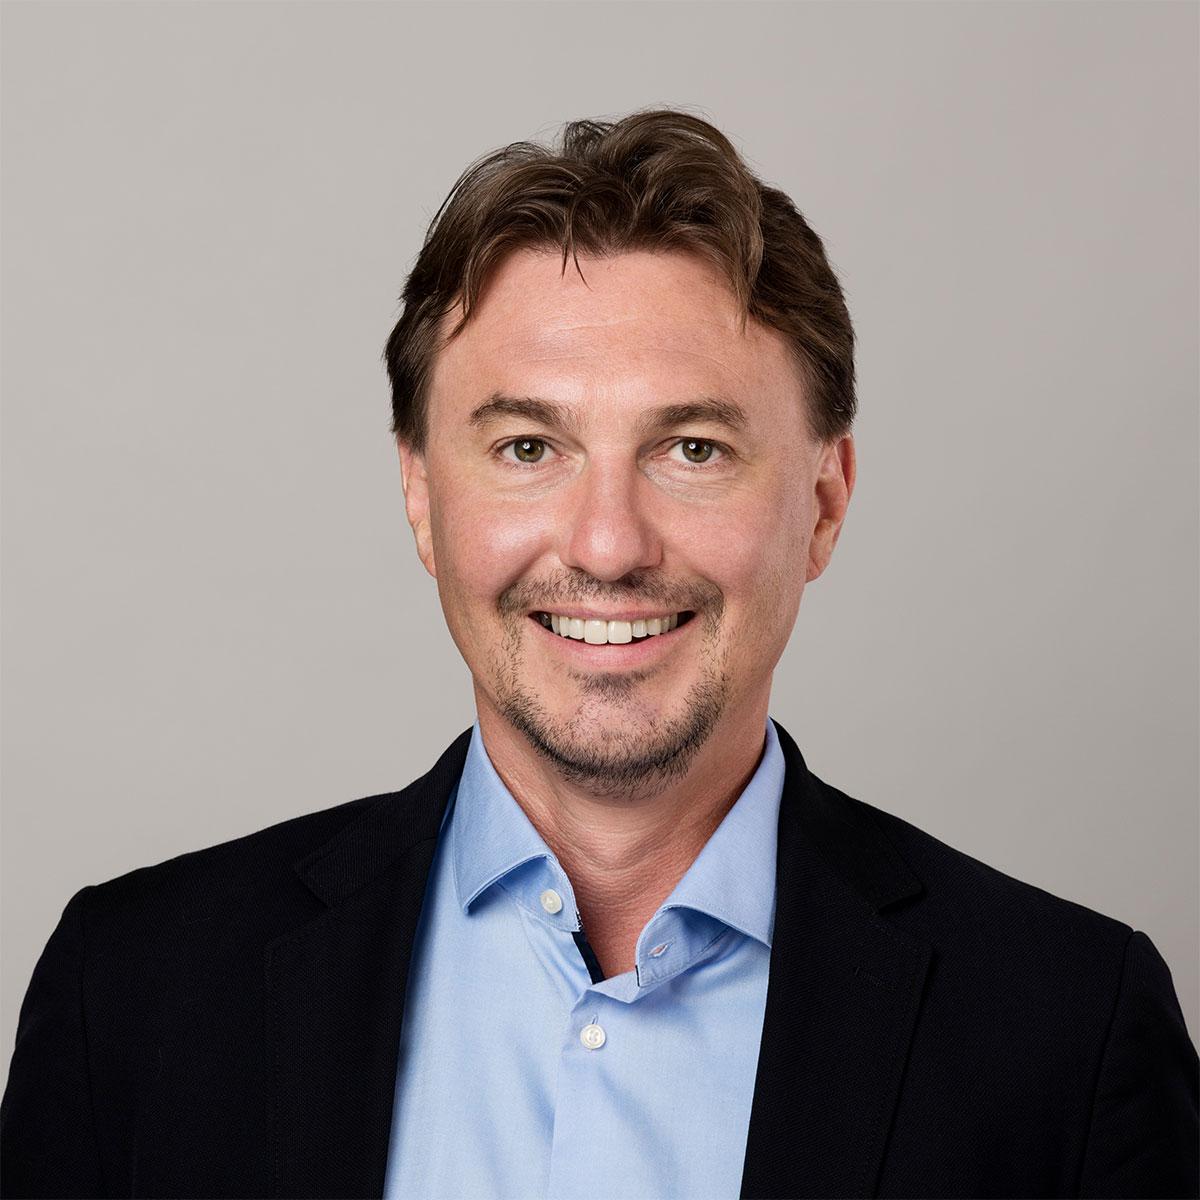 Jürgen Atzlsdorfer